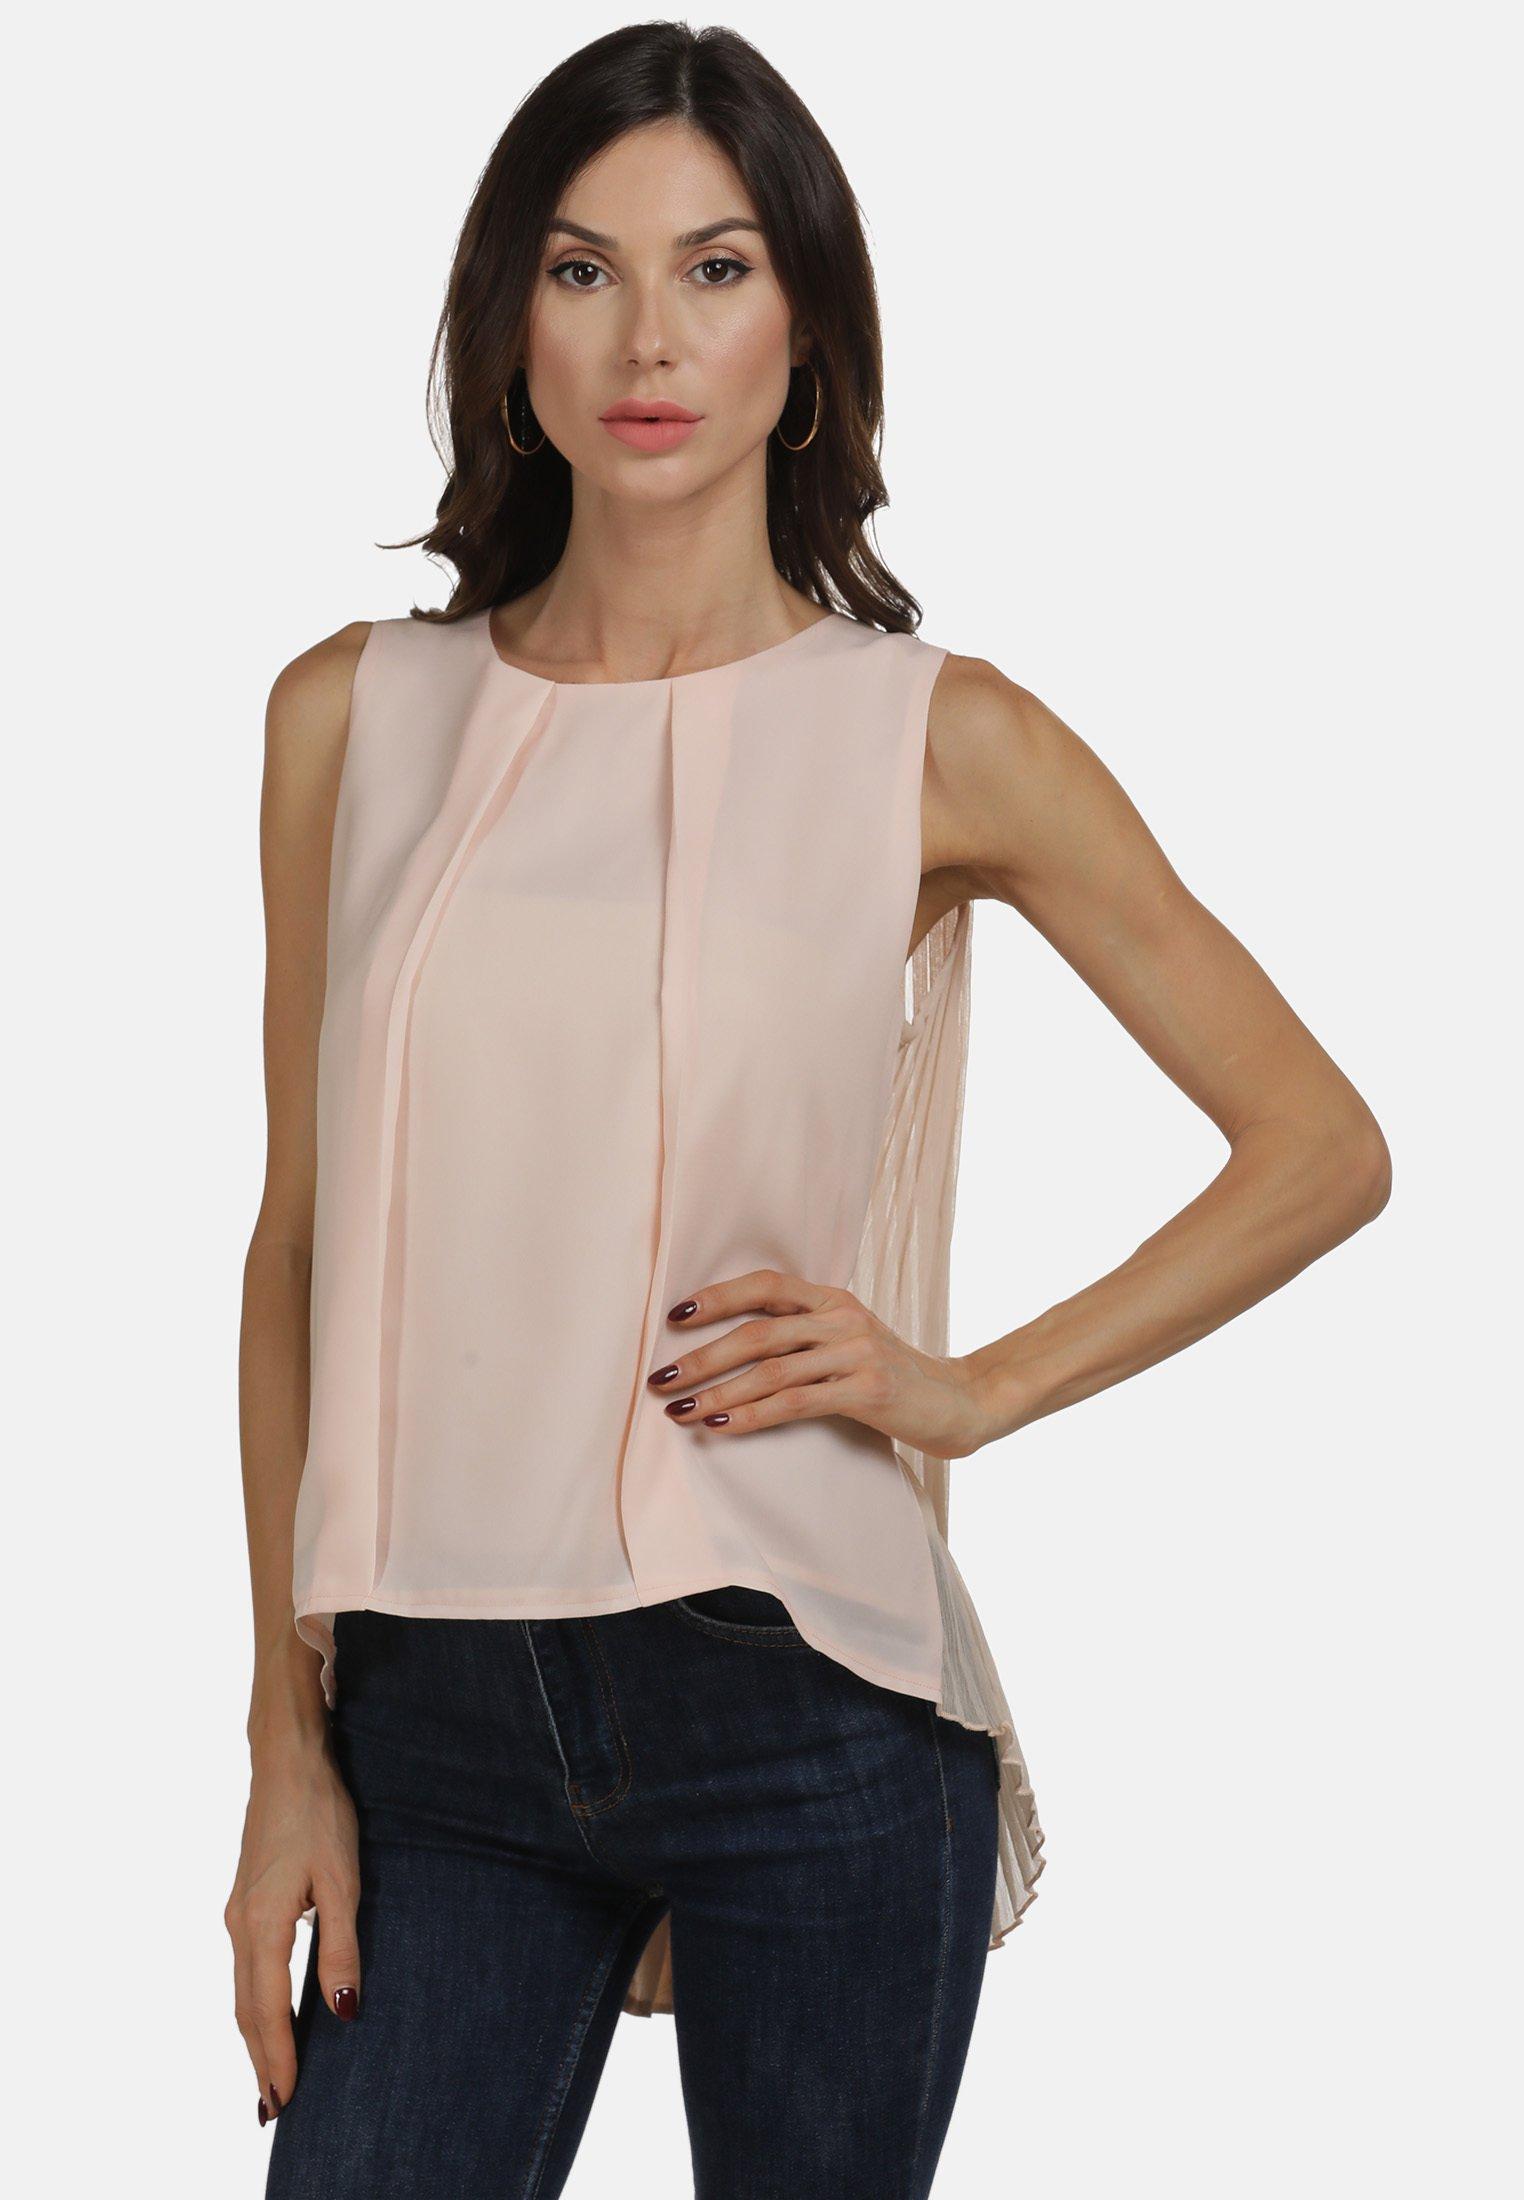 faina Blouse - nude - Tops & T-shirts Femme 1BcdB